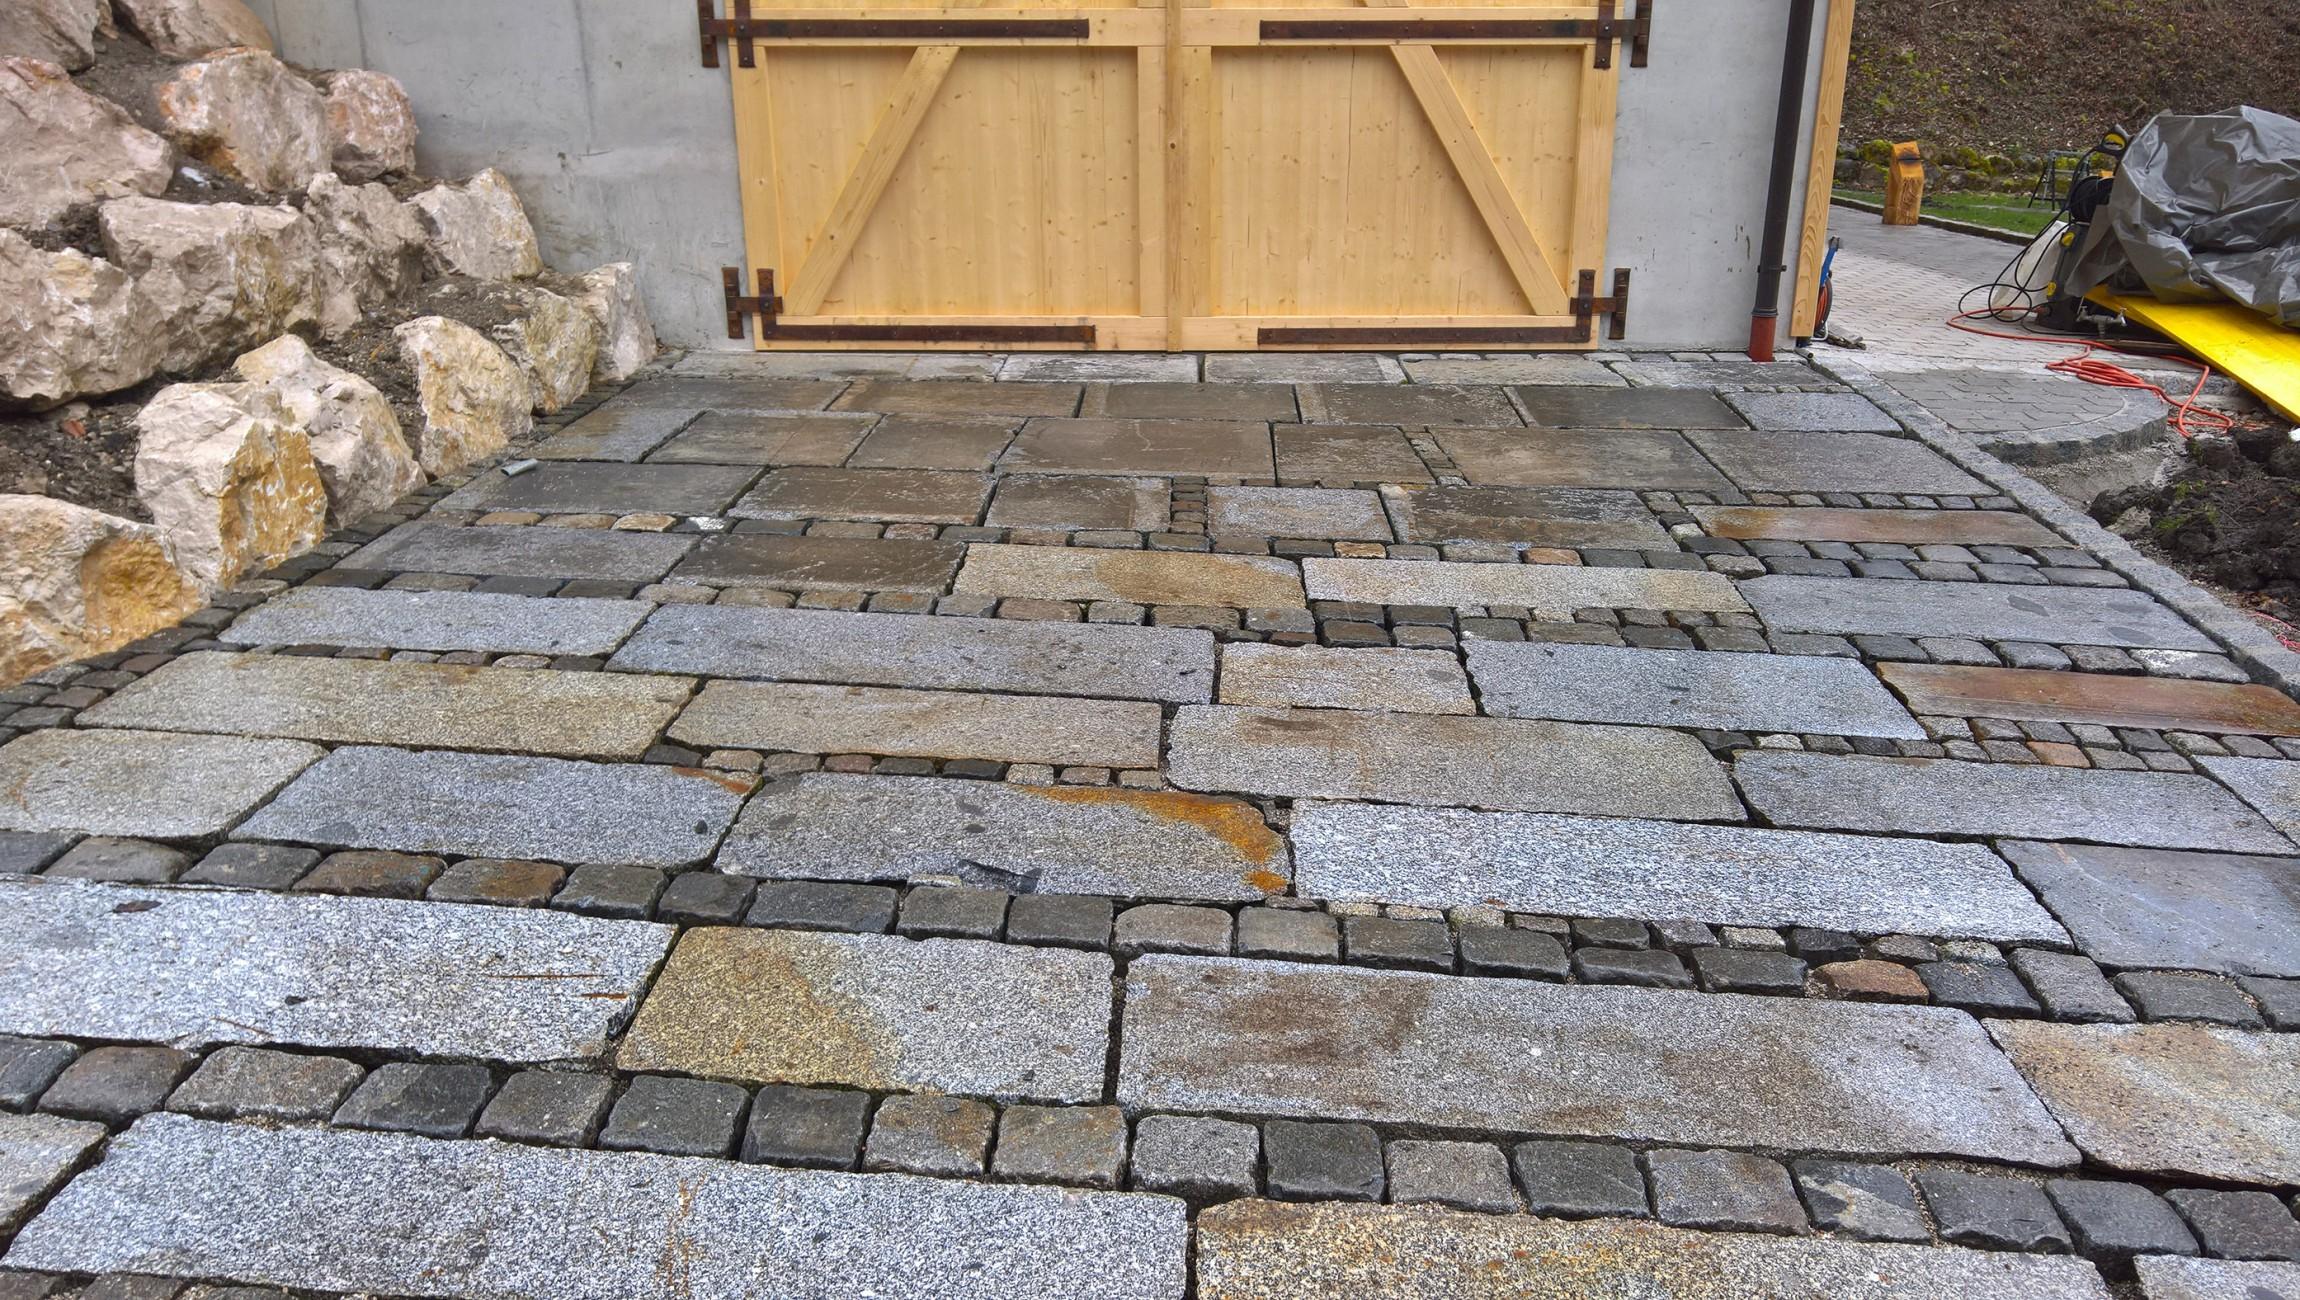 Granitpflaster mit Gredplatten, dazwischen Klein- und Großsteine